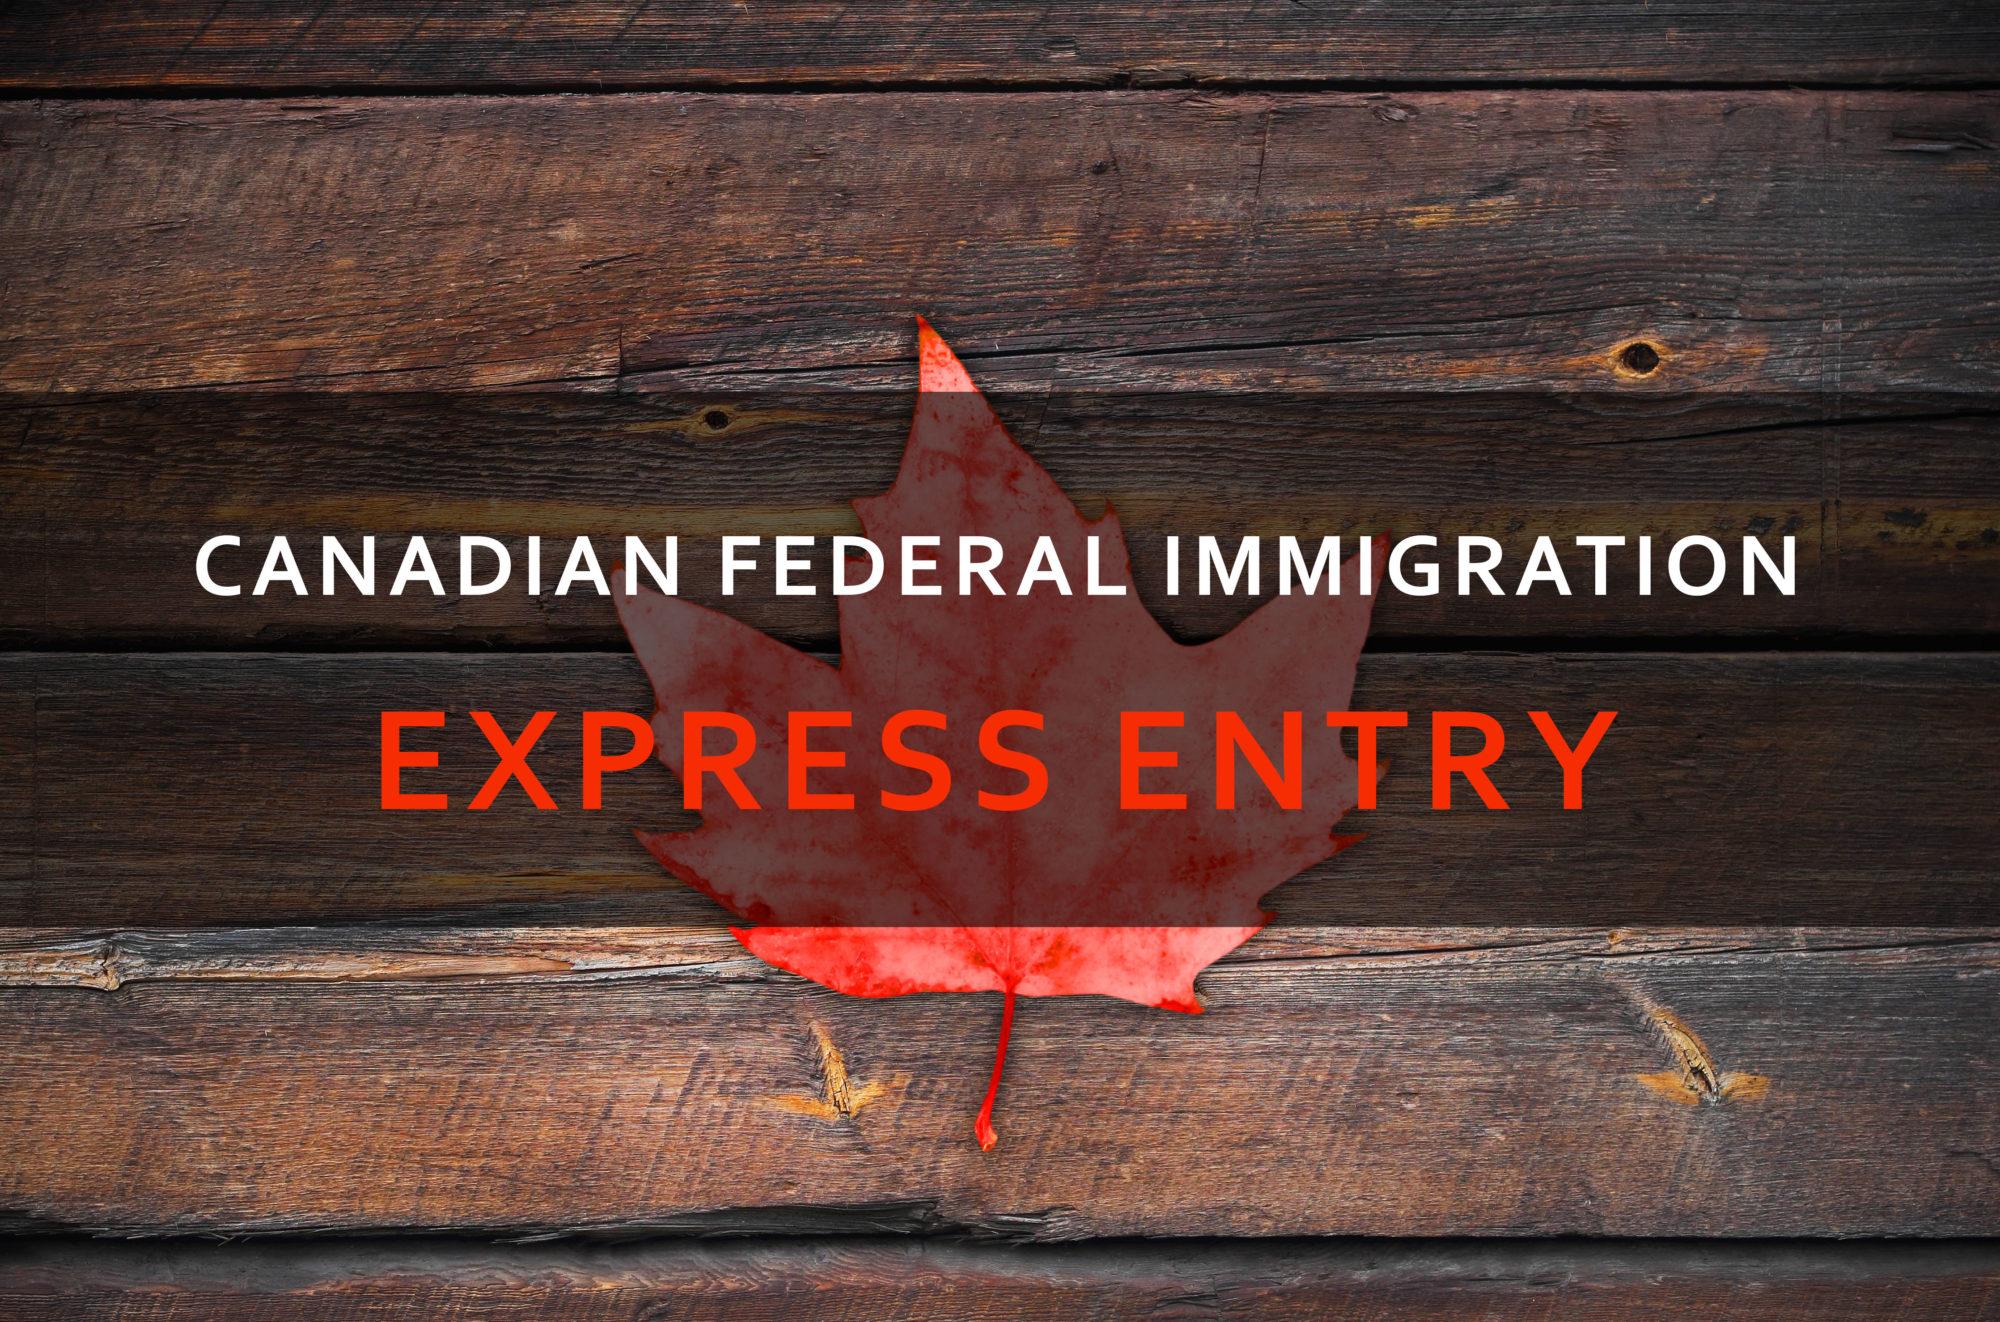 Canada Phát Hành 3.350 Thư Mời Nhận PRChương trình Định cư Diện Tay Nghề Cao (Express Entry)